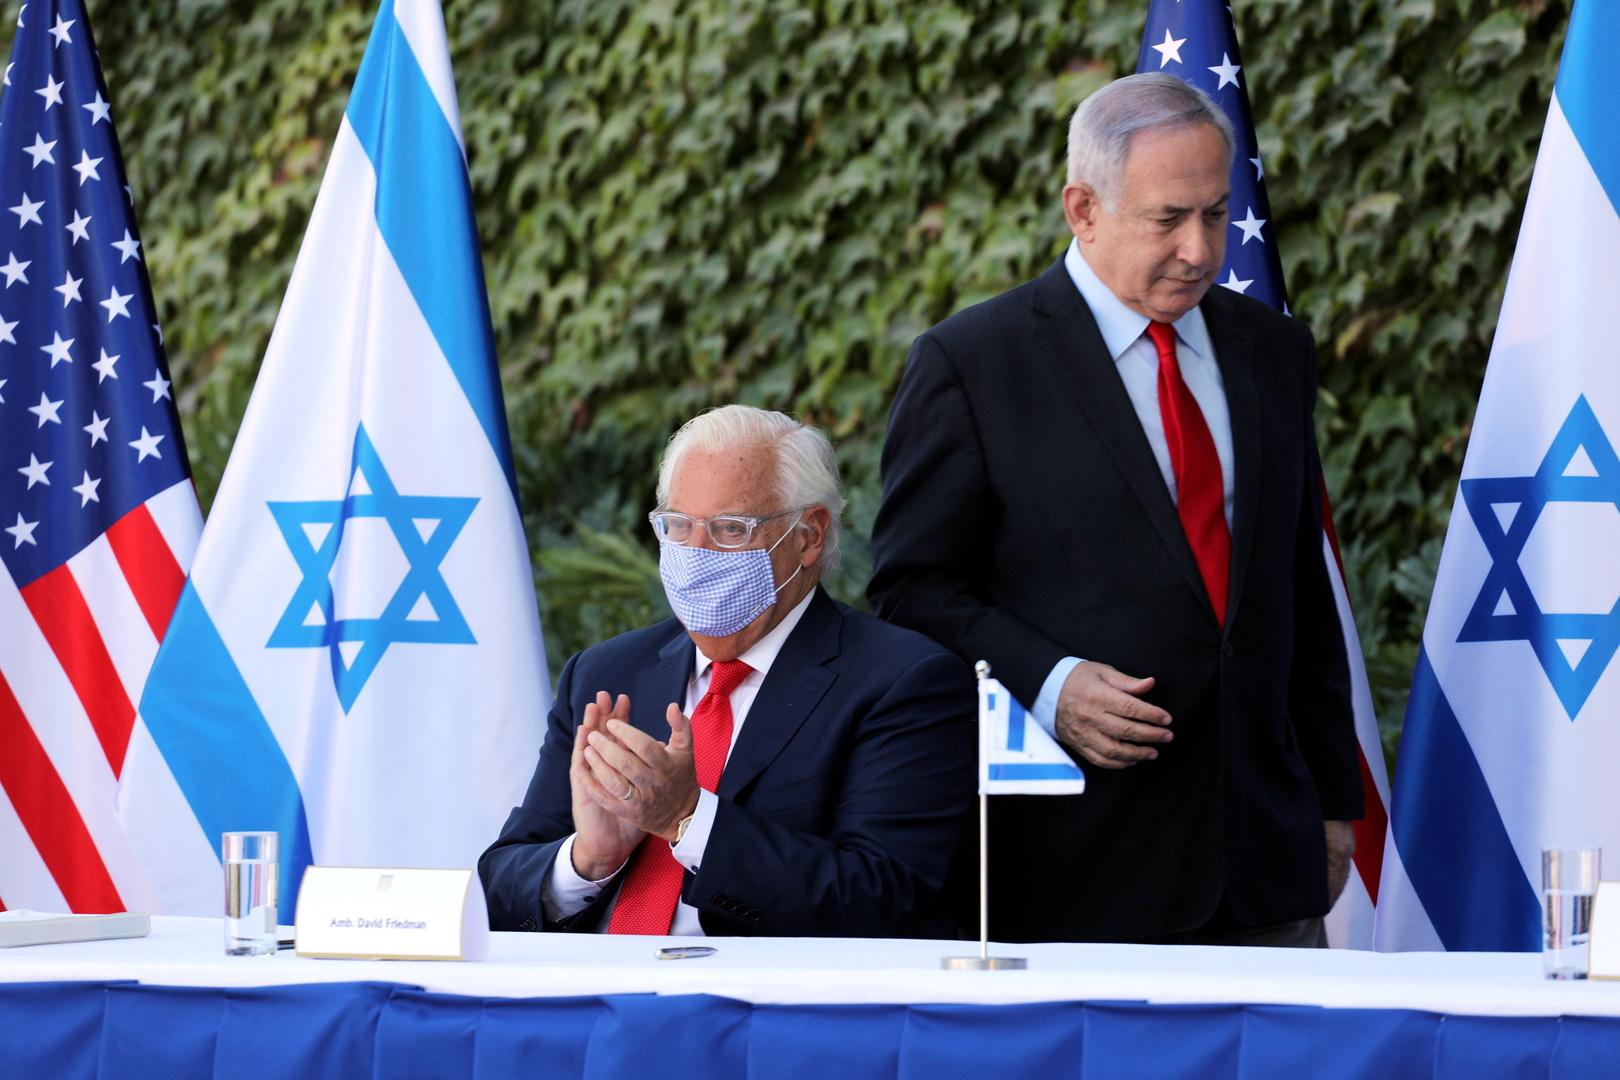 رئيس الوزراء الإسرائيلي بنيامين نتنياهو ,السفير الأمريكي لدى إسرائيل ديفيد فريدمان